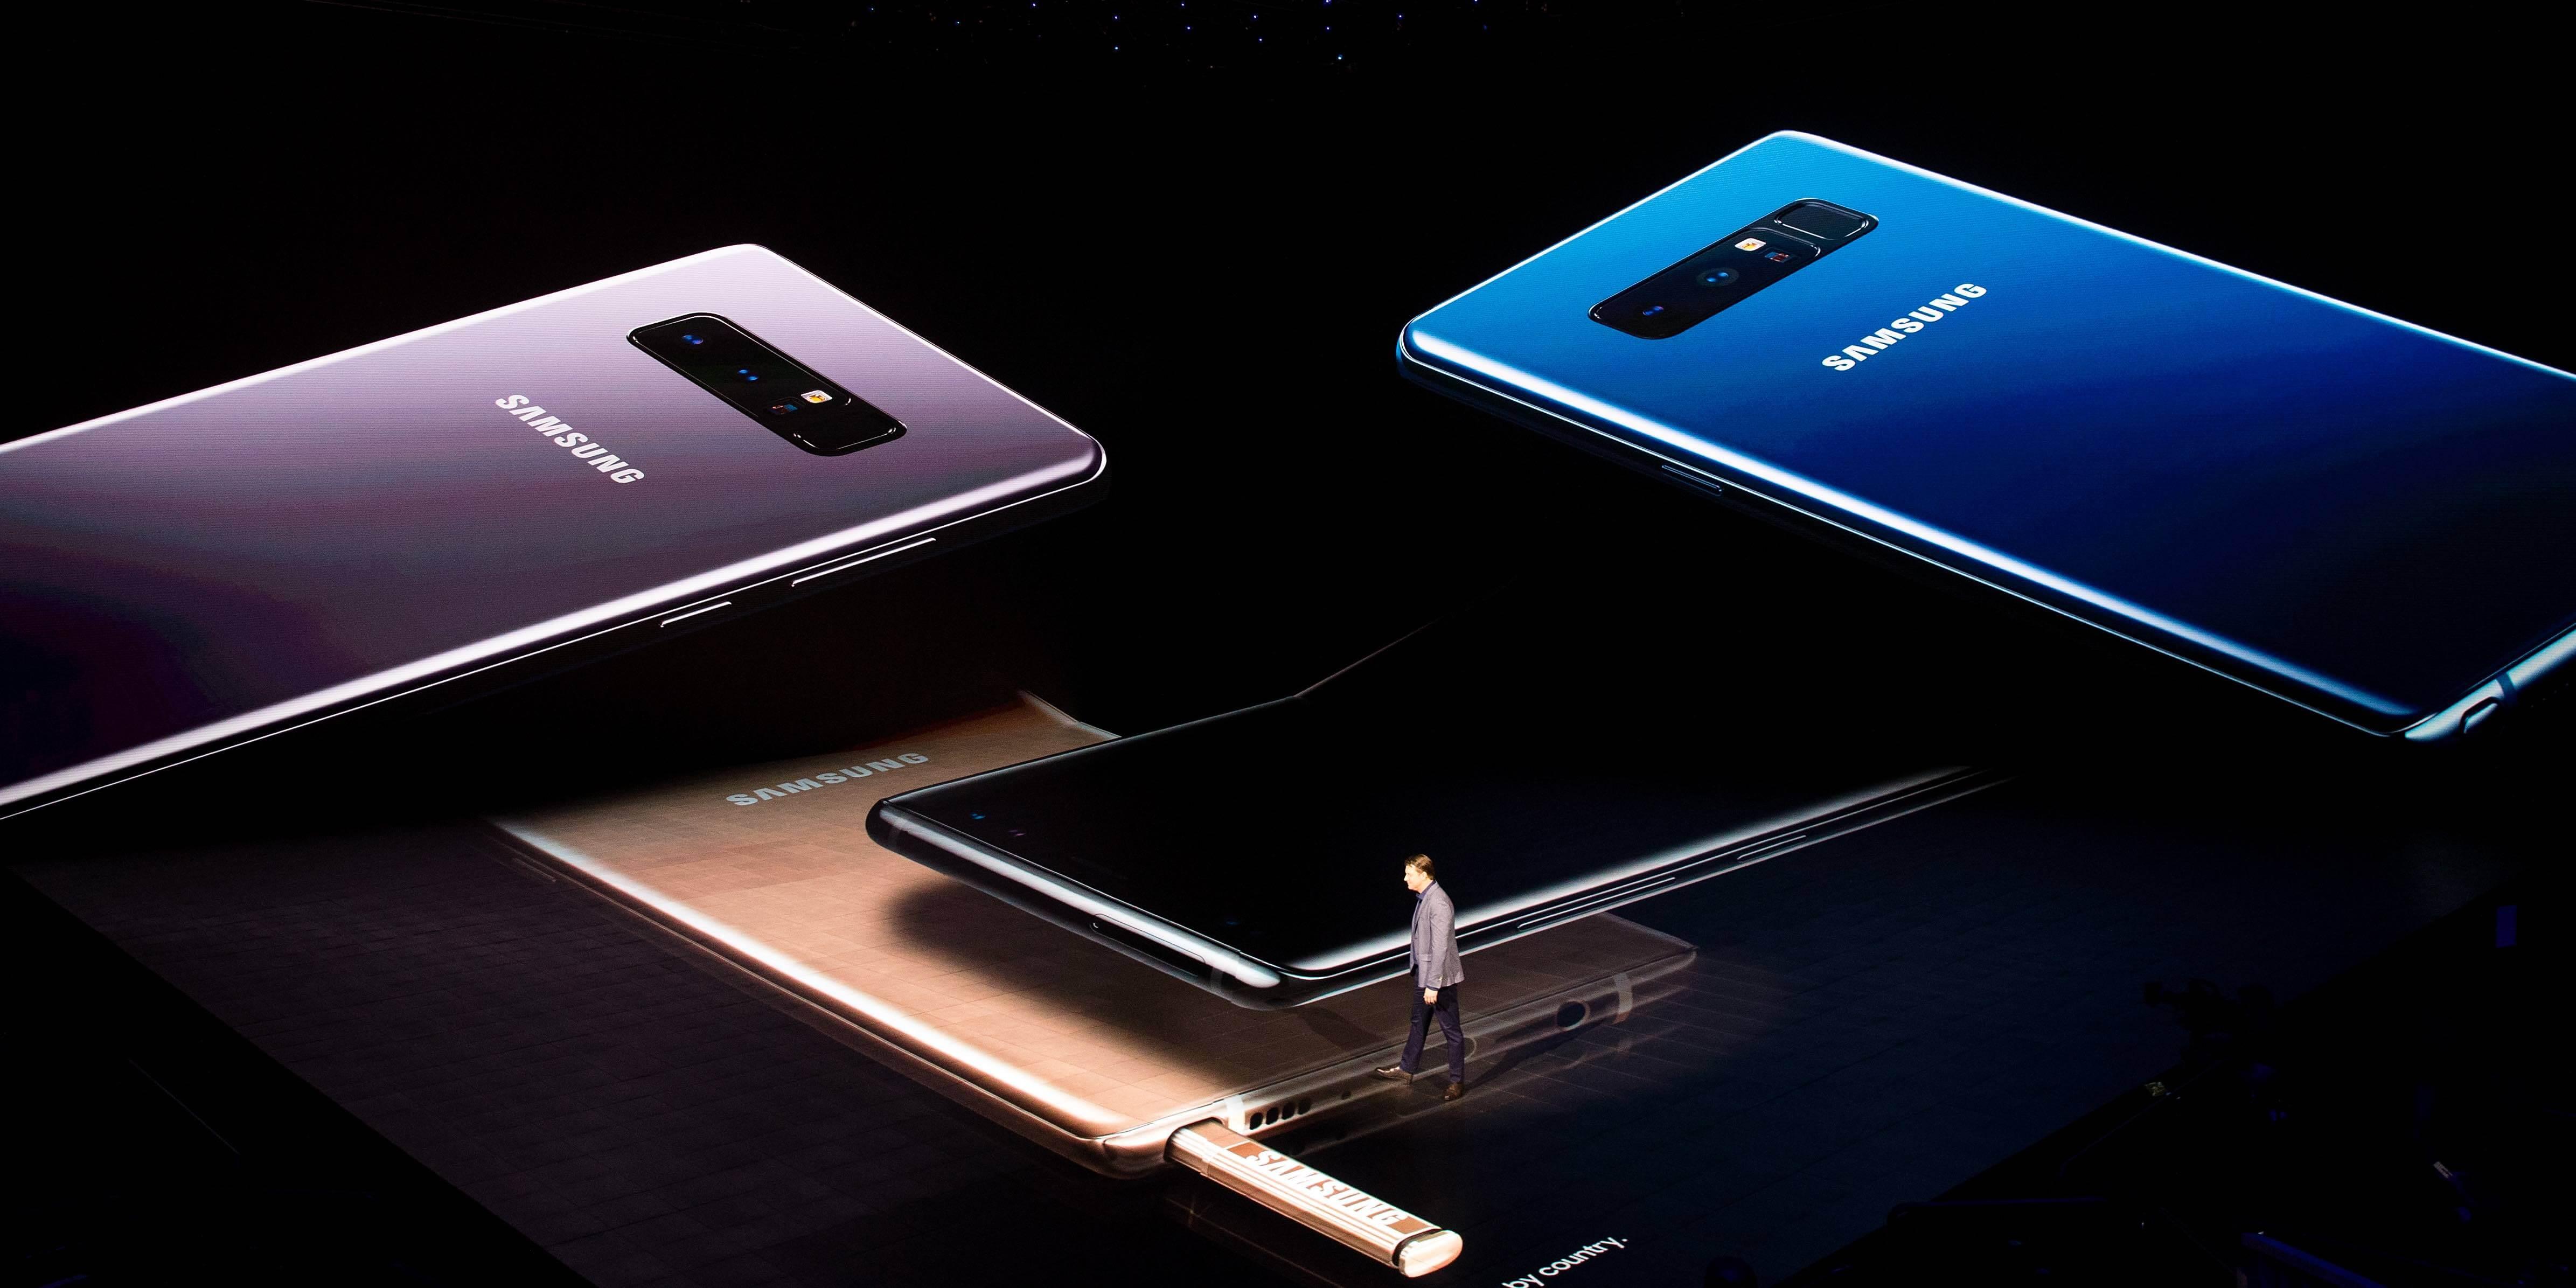 D'après son nom de code, le Galaxy Note 9 serait le roi